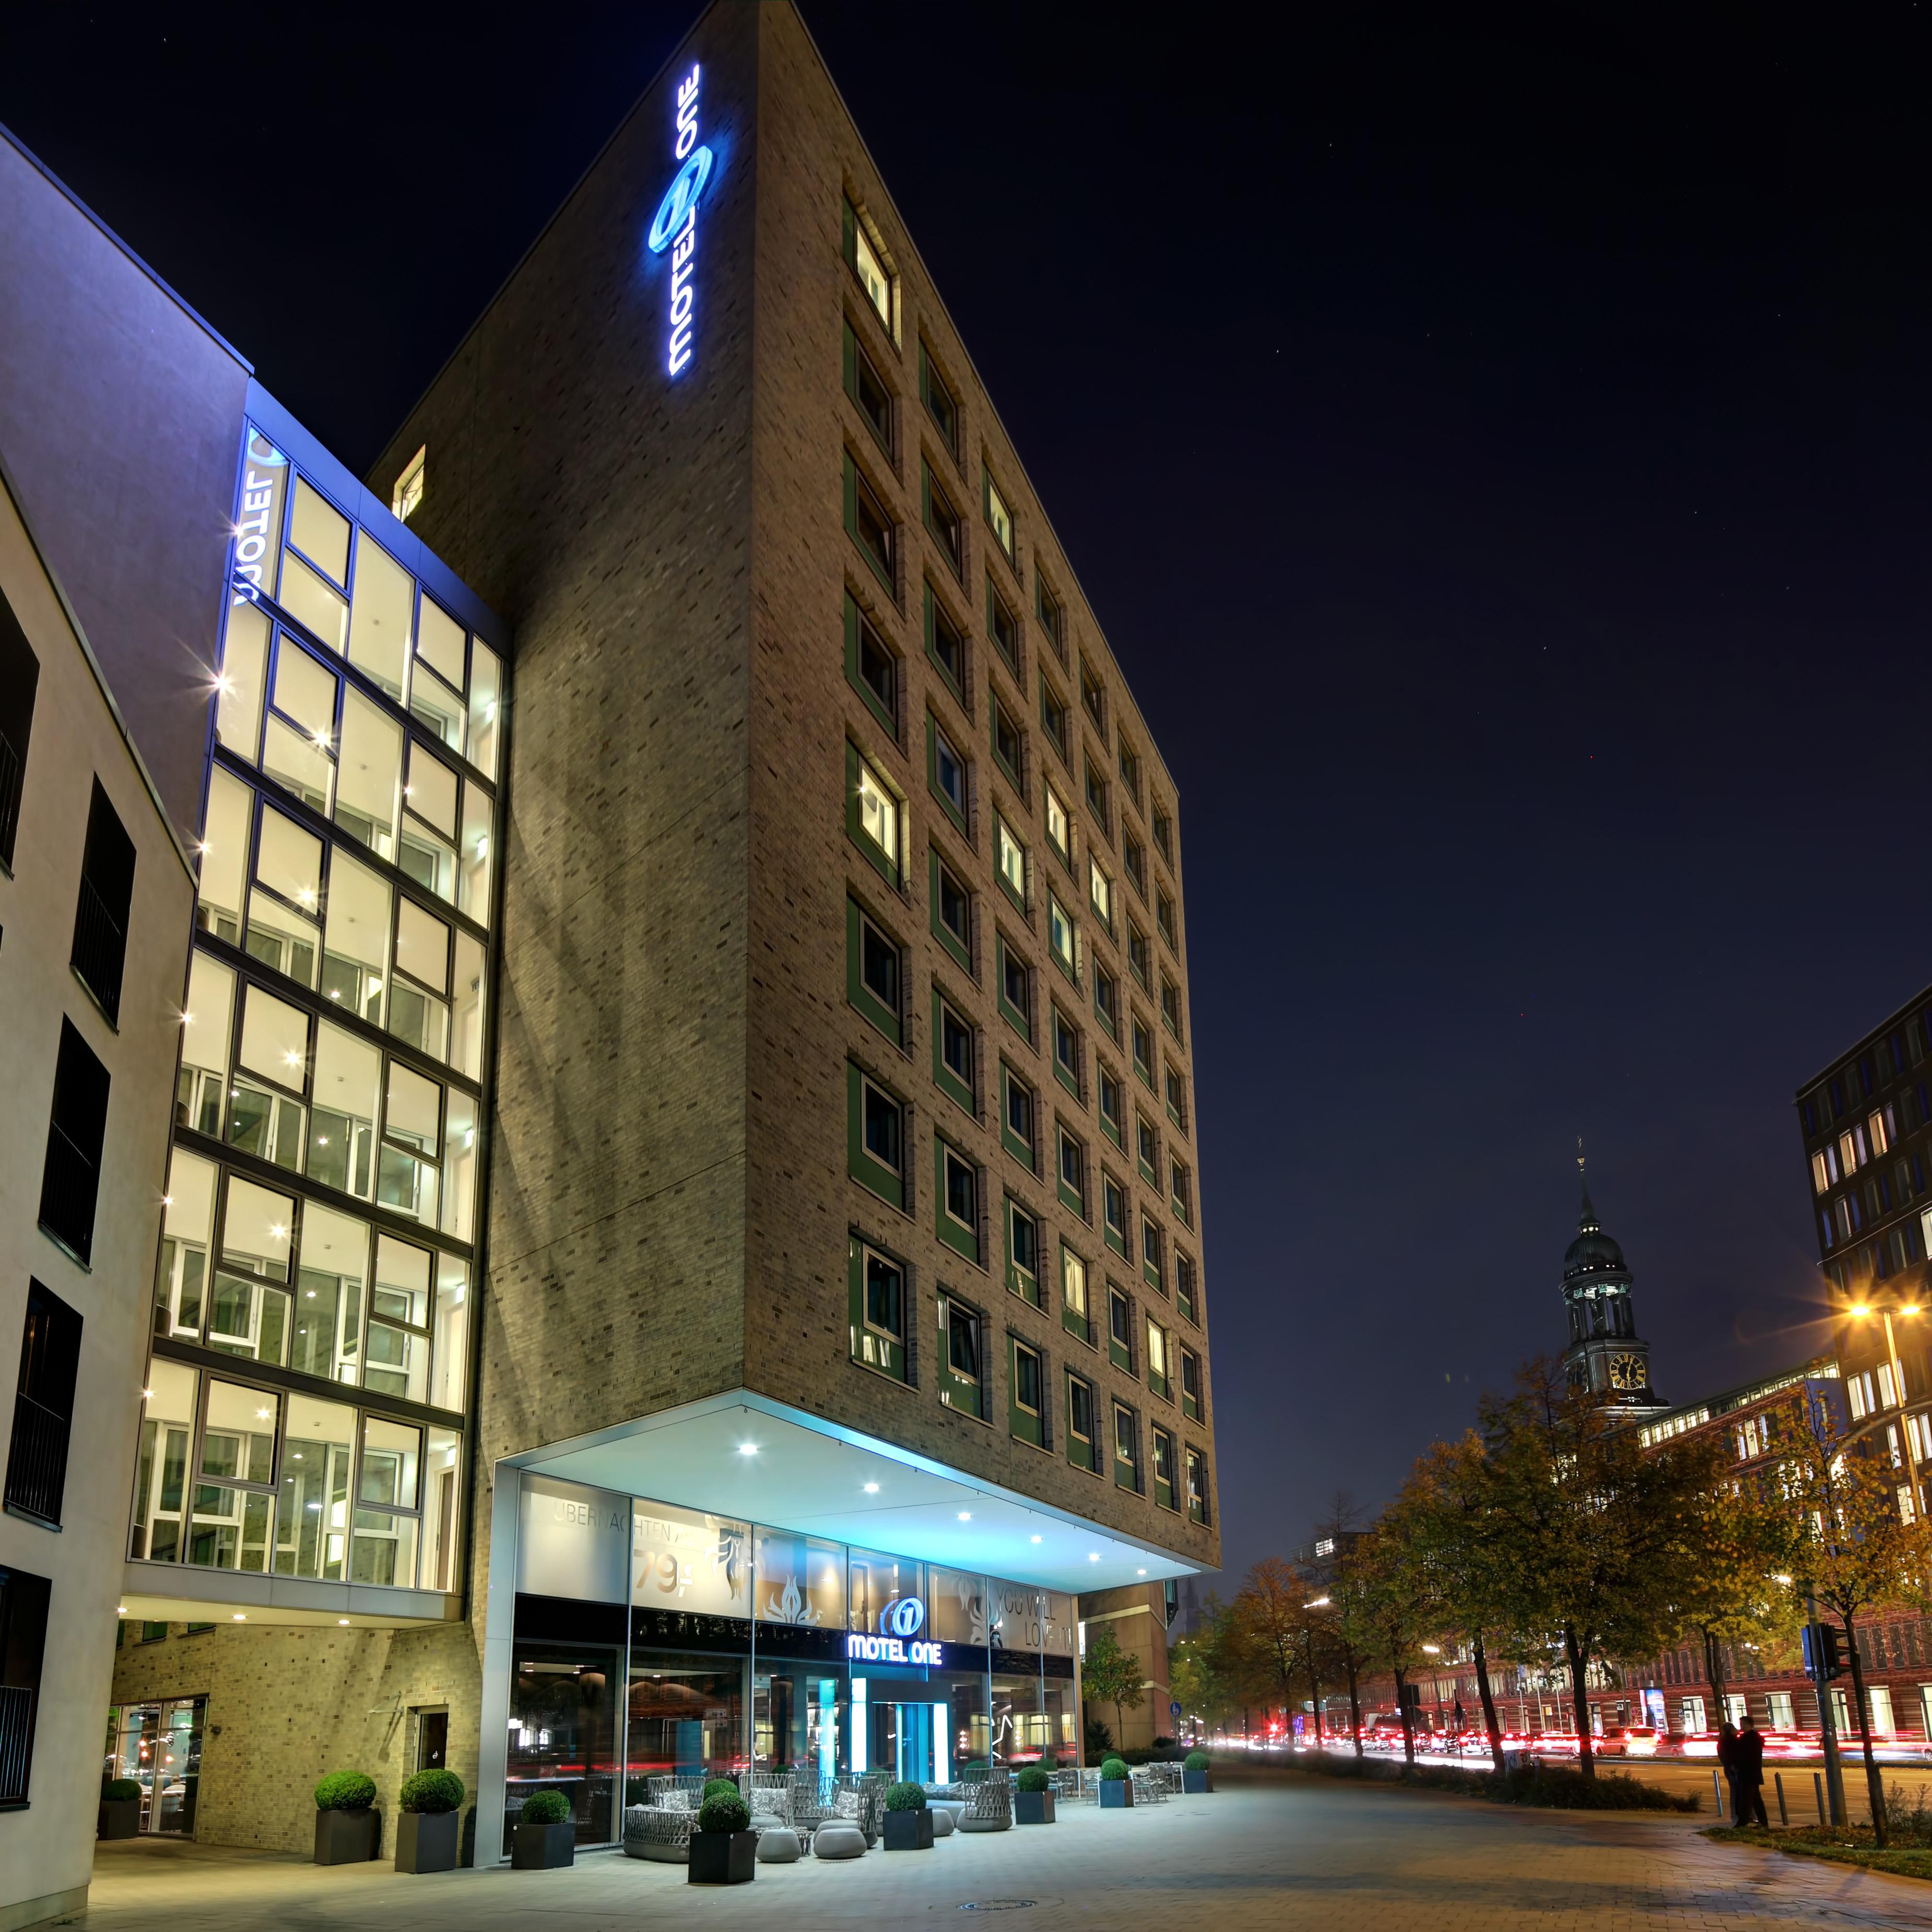 hamburg das kleine bad, hotel hamburg am michel motel one | design hotels hamburg am michel, Design ideen